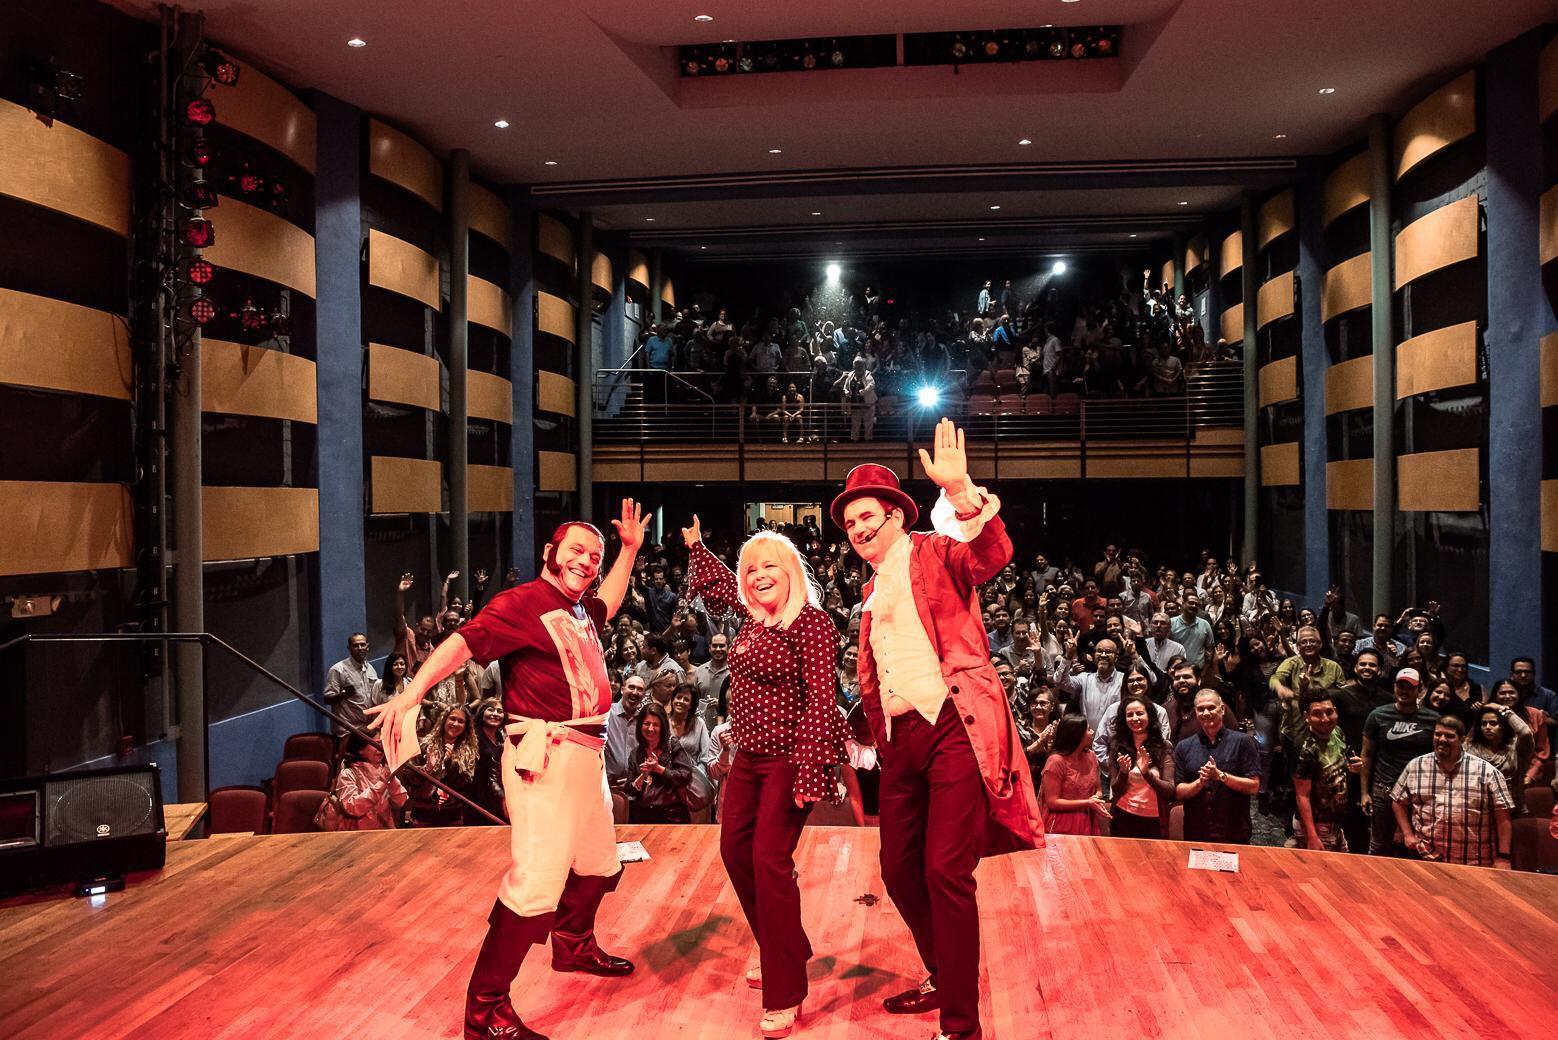 """Nelly Pujols, Emilio Lovera y Laureano Márquez en la presentación de la obra """"Histeria de Venezuela"""", llevada a cabo el 07 de octubre de 2018 en el Palace Theater de Grapevine, Texas. Pipoproductions LLC"""